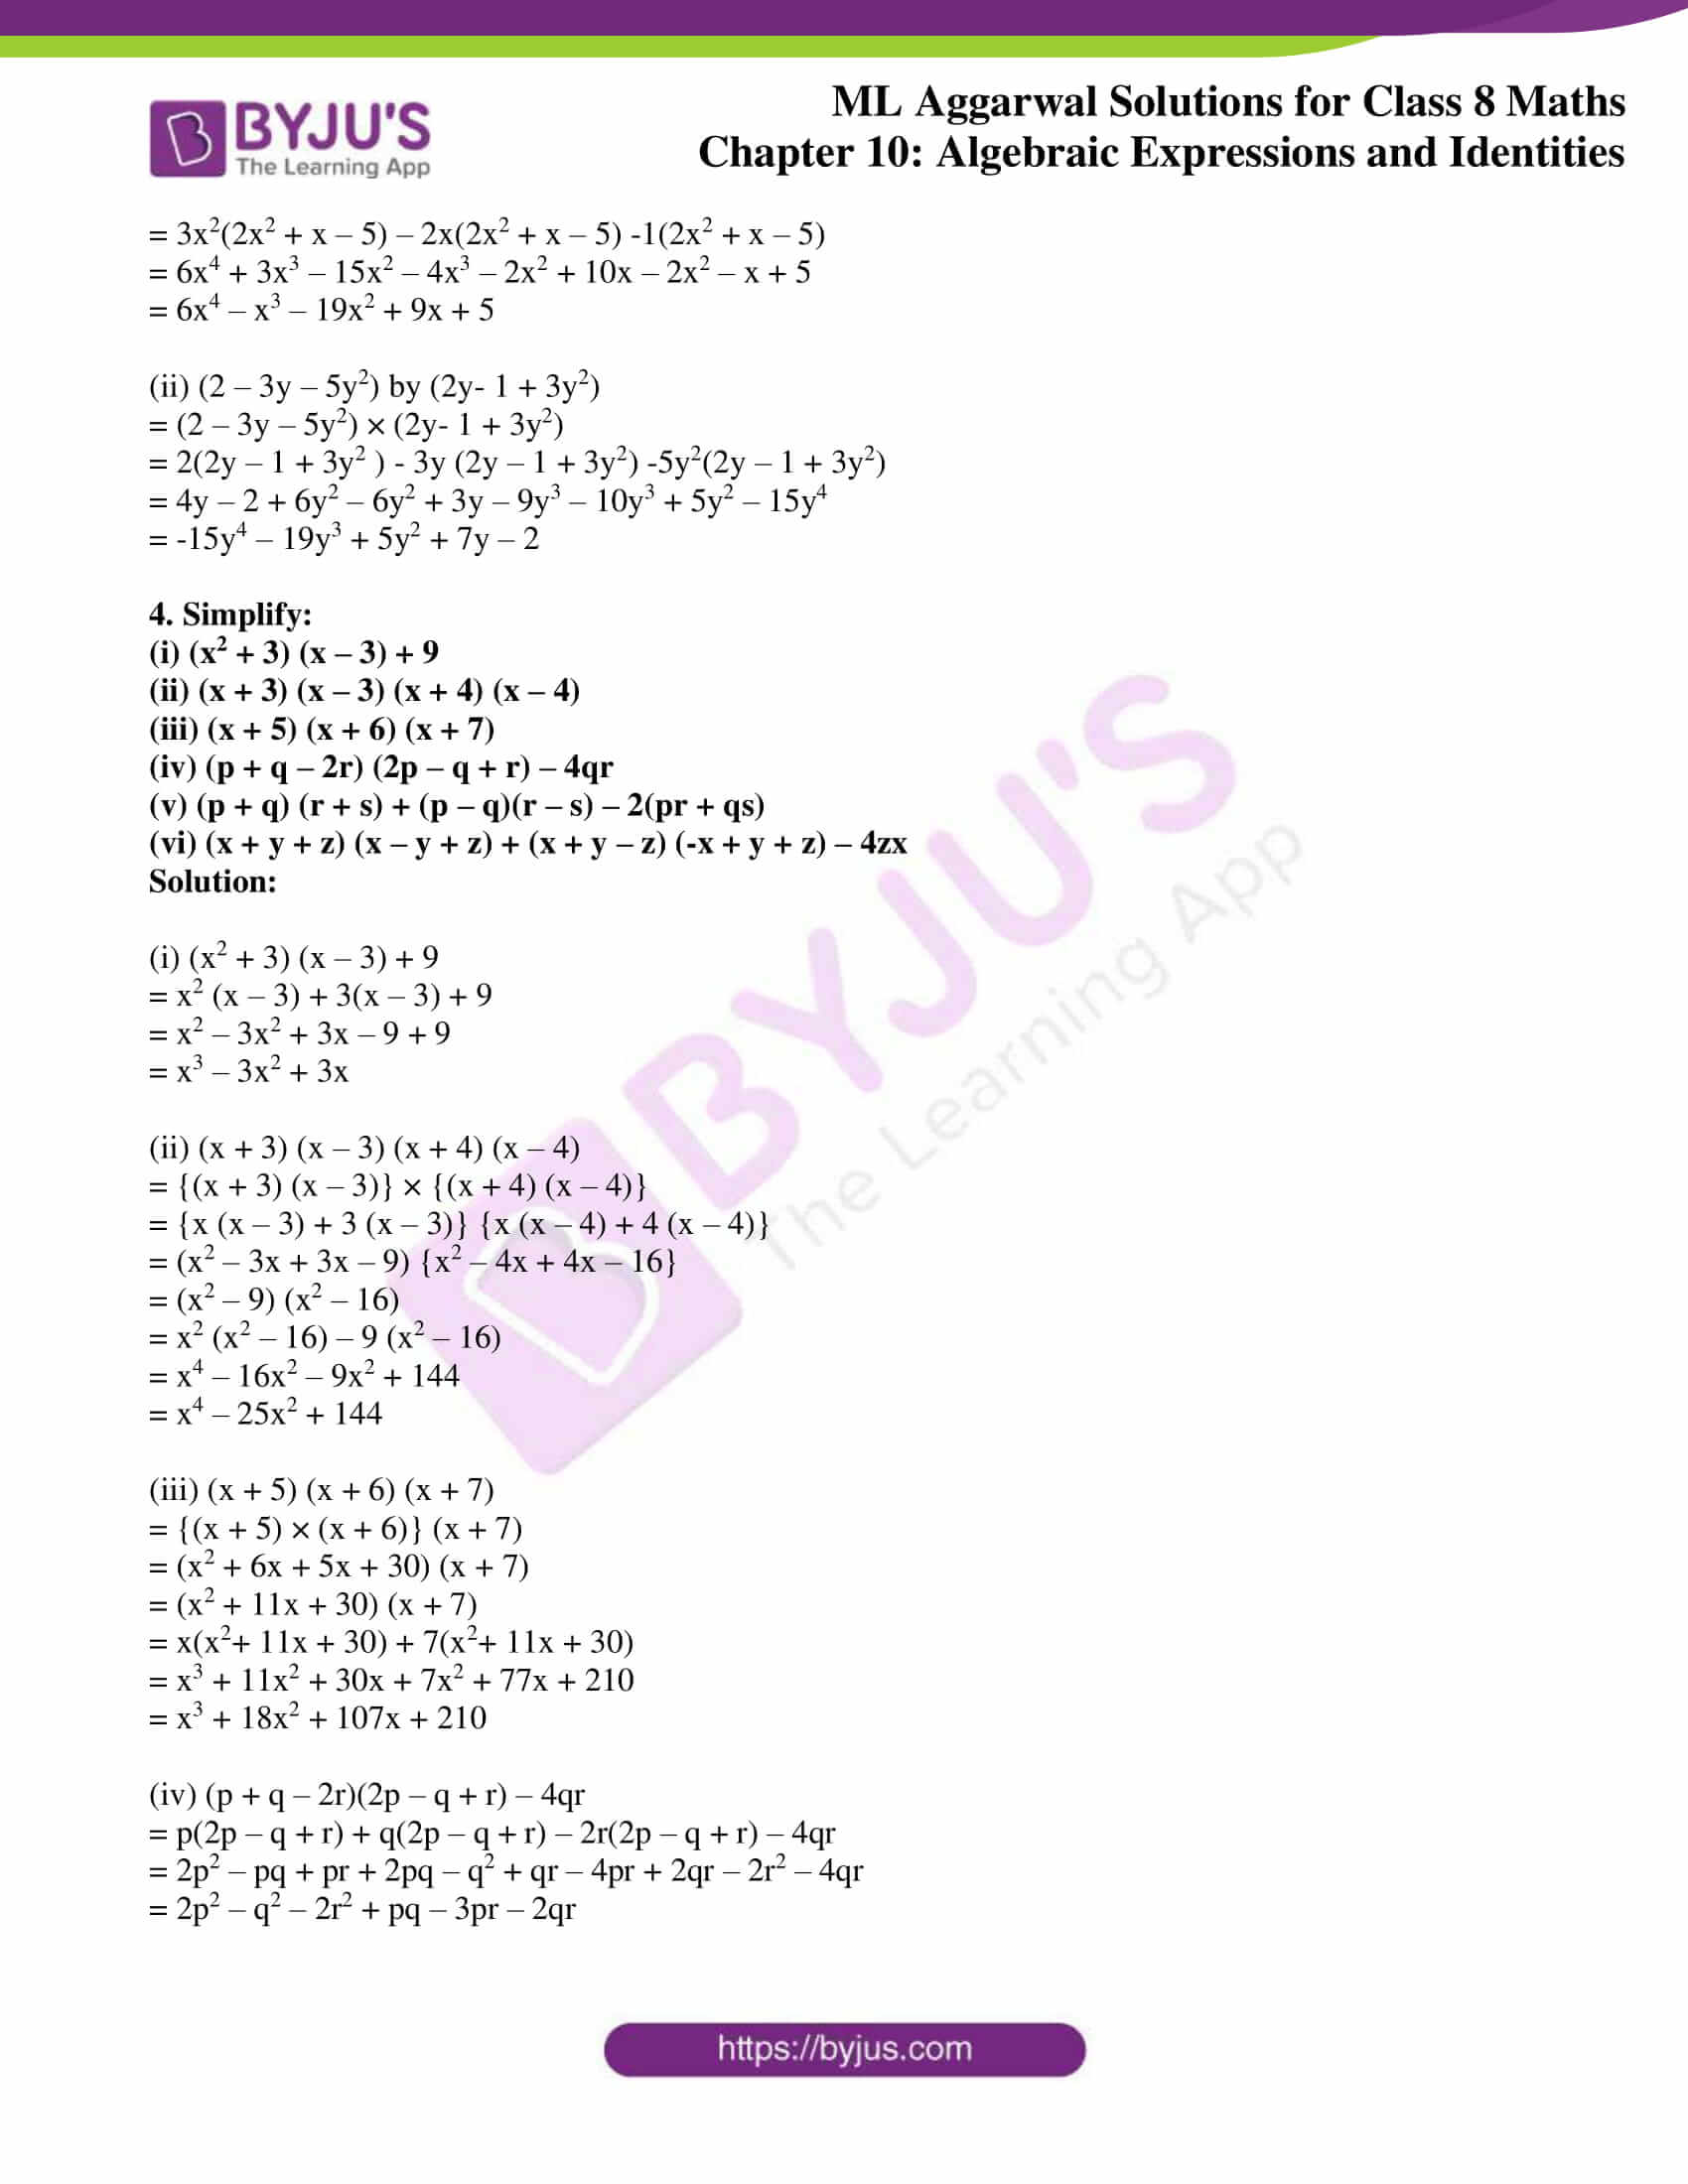 ml aggarwal sol mathematics class 8 ch 10 11